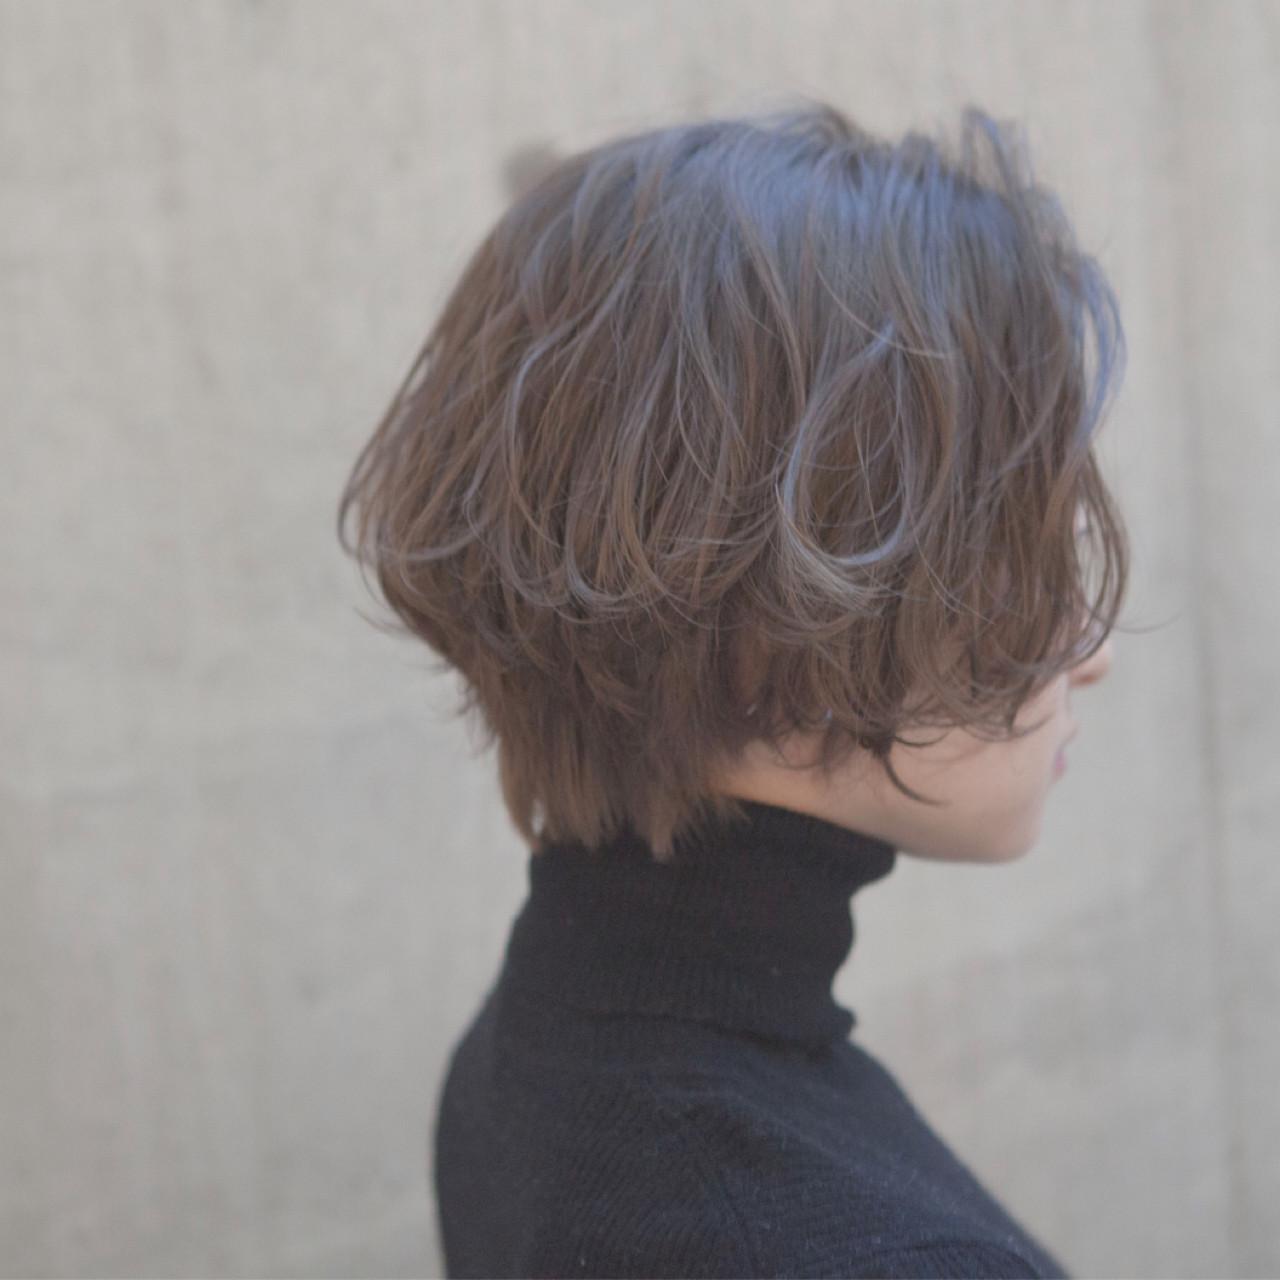 面長にボブ、実は似合います!小顔見せを叶える髪型を総まとめの13枚目の画像